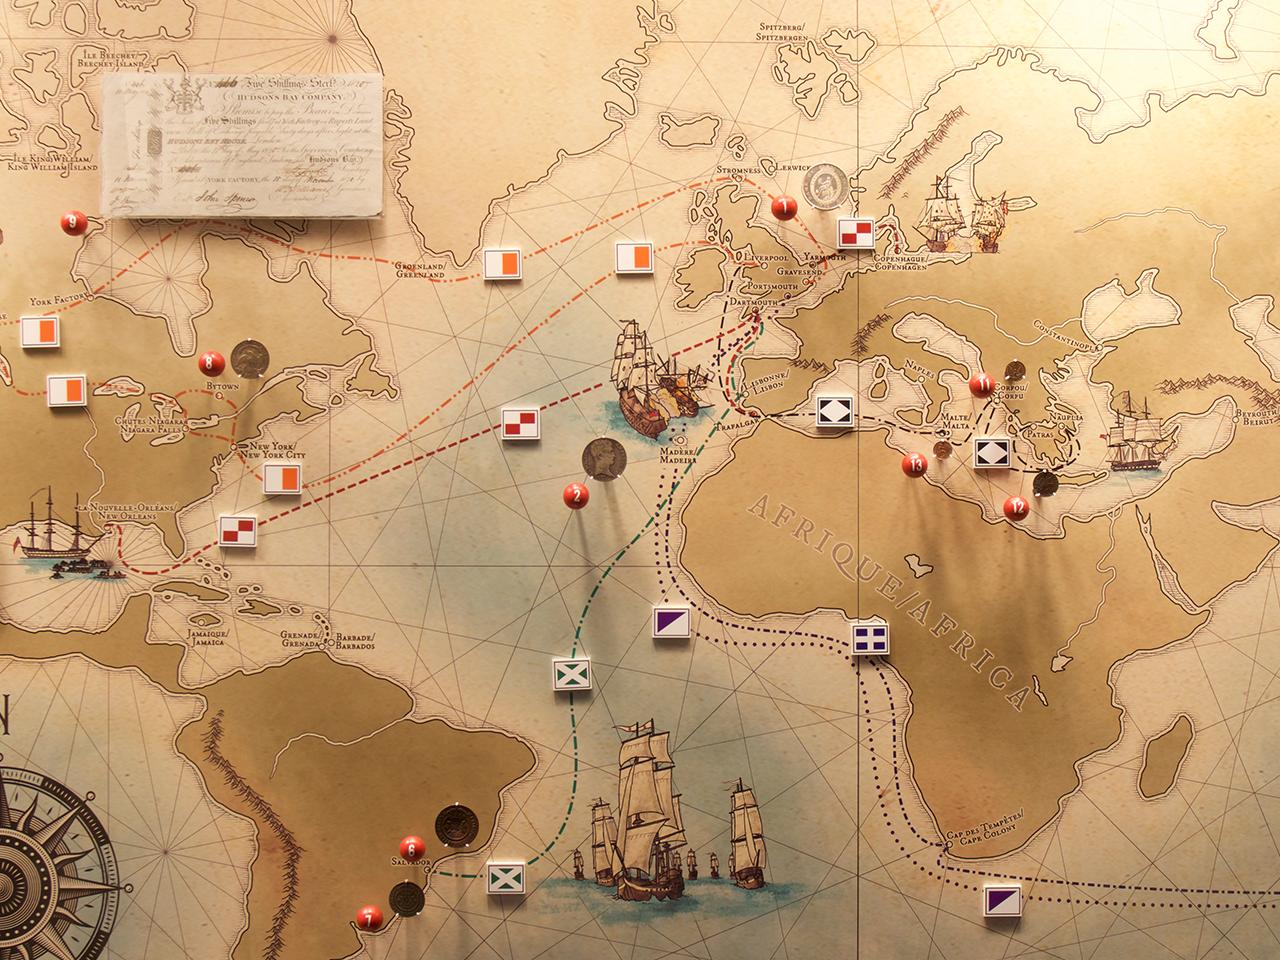 carte géographique illustrée